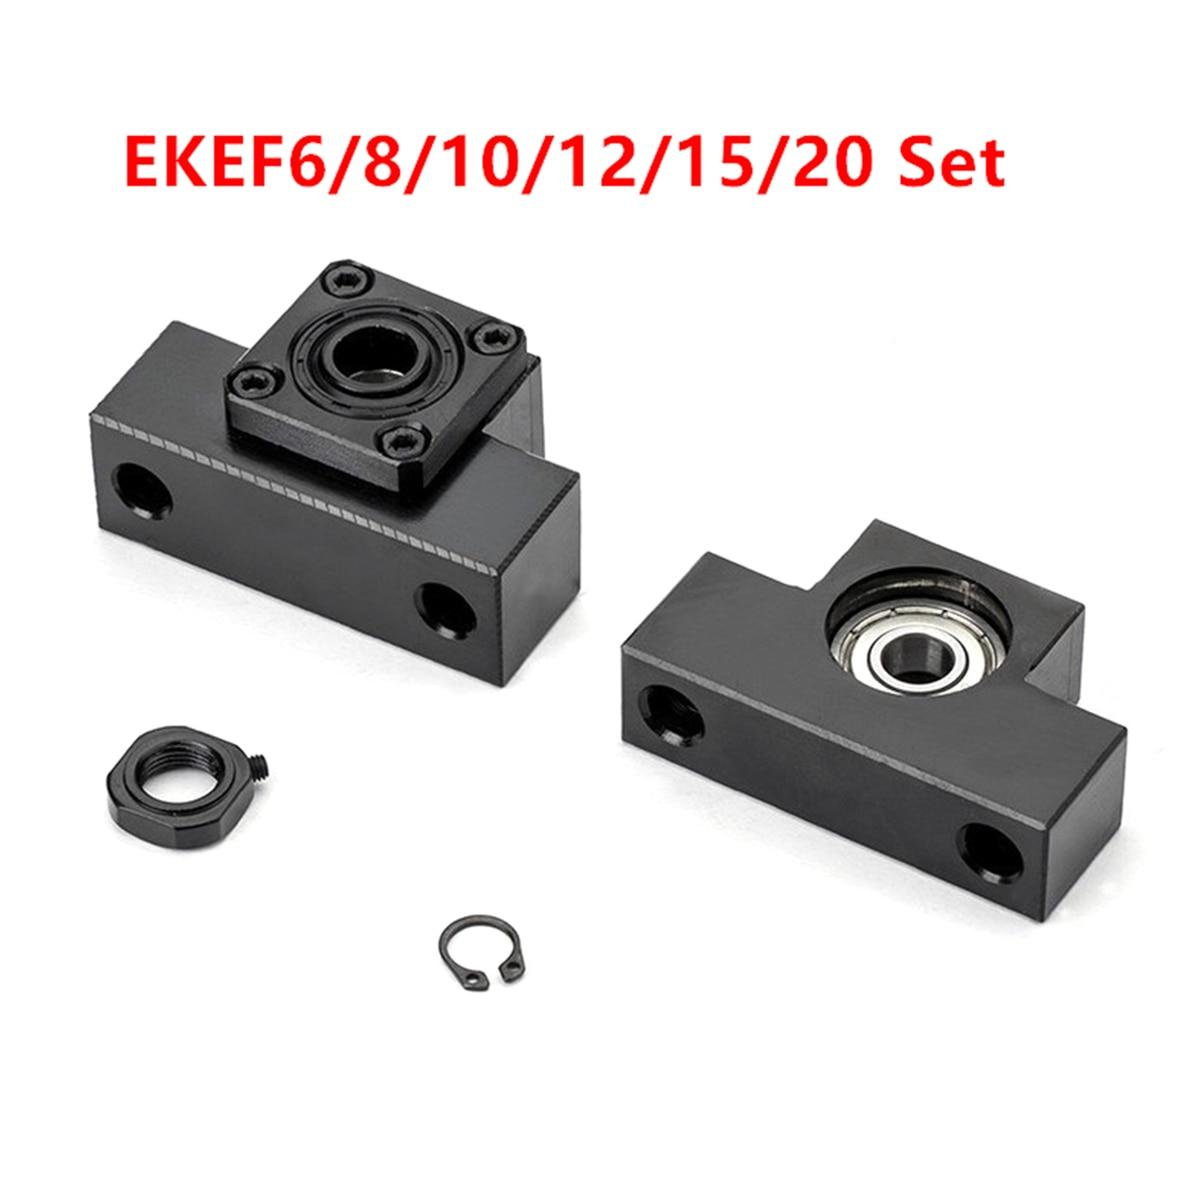 1 pièces EK 6 8 10 12 15 20 EF6 8 10 12 15 20 D'extrémité de Vis À Billes Support Fixé Côté CNC Partie